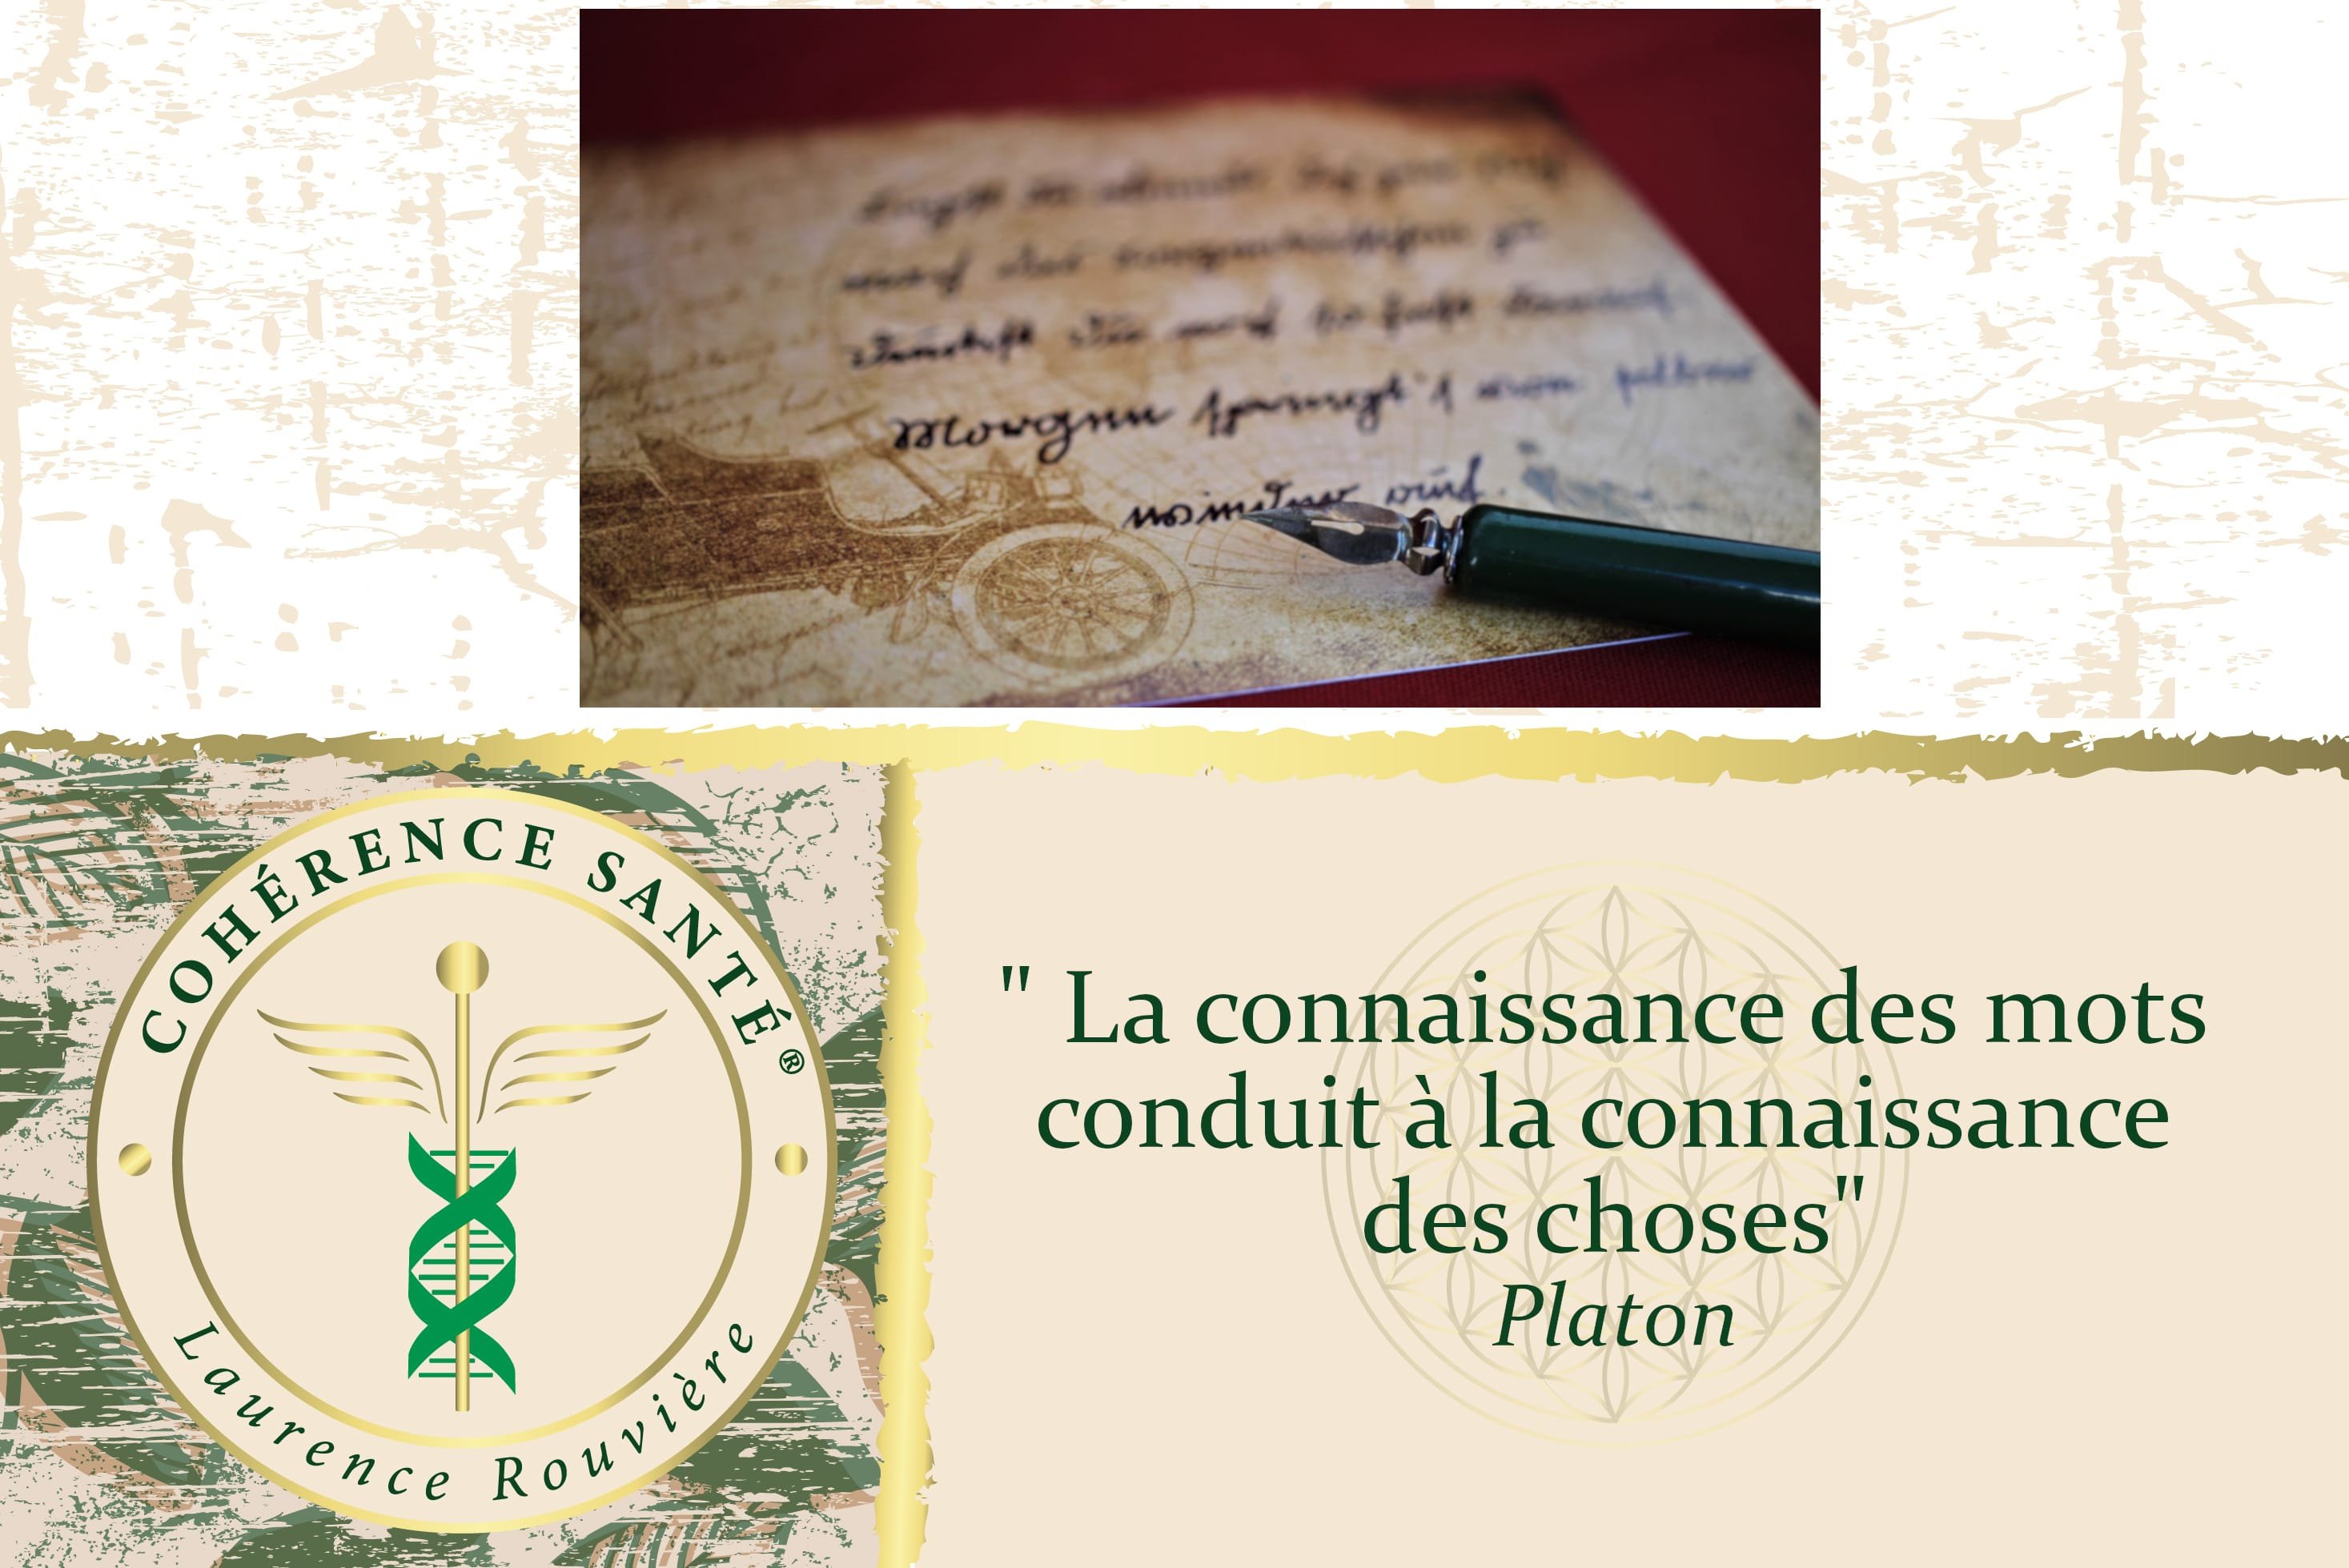 Citations Positives et Sagesse des Mots par Laurence Rouvière - Méthode Cohérence Santé ®